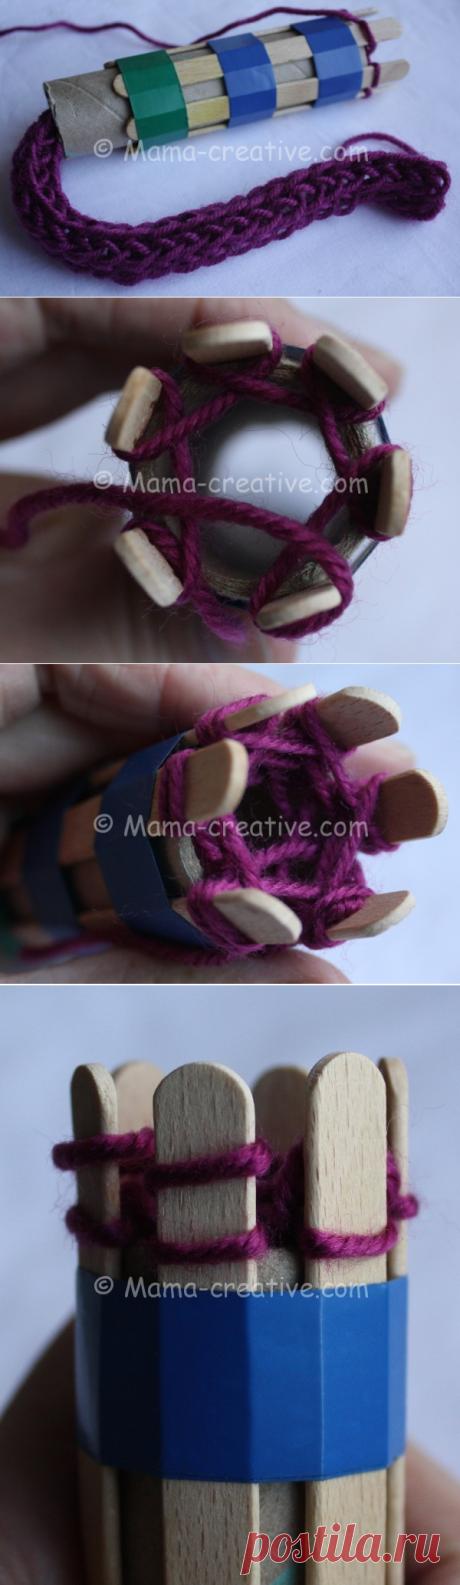 Рукодельные хитрости: делаем сами мельницу для вязания шнуров | Мамин Креатив